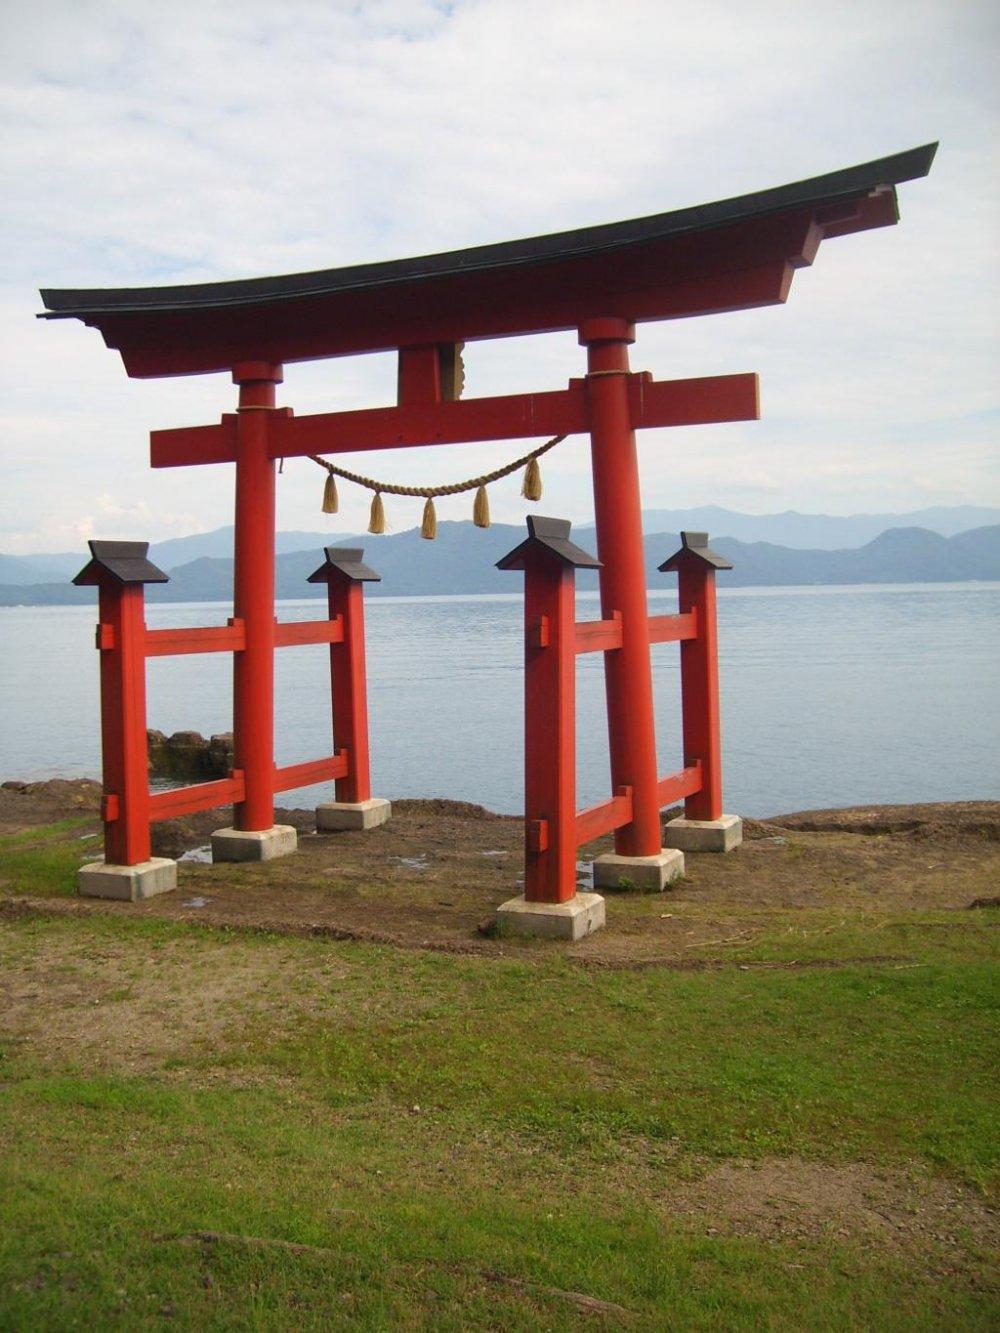 Có nhiều nơi để tham quan xung quanh hồ, ví dụ như cánh cổng này ở đền Gozanaishi